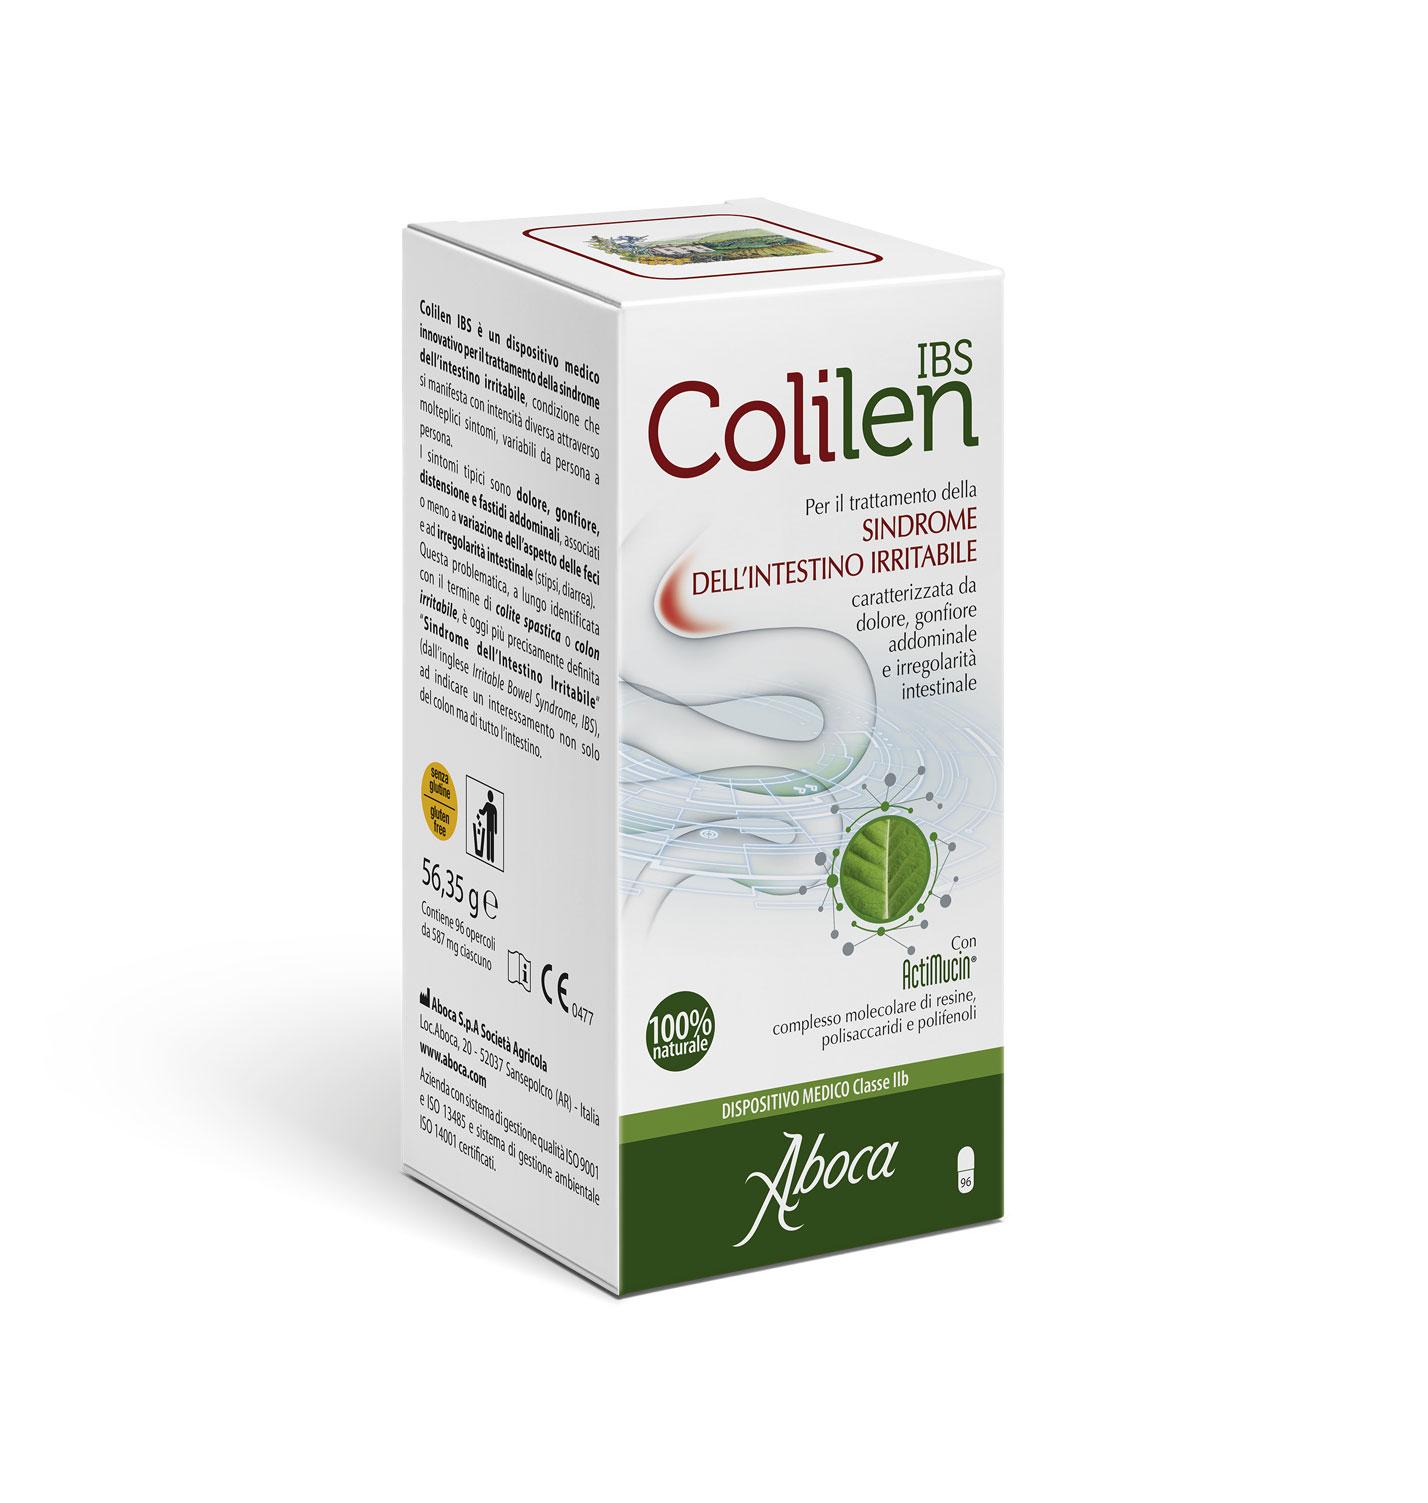 Image of Aboca Colilen Ibs Integratore Alimentare 96 Compresse 970489593